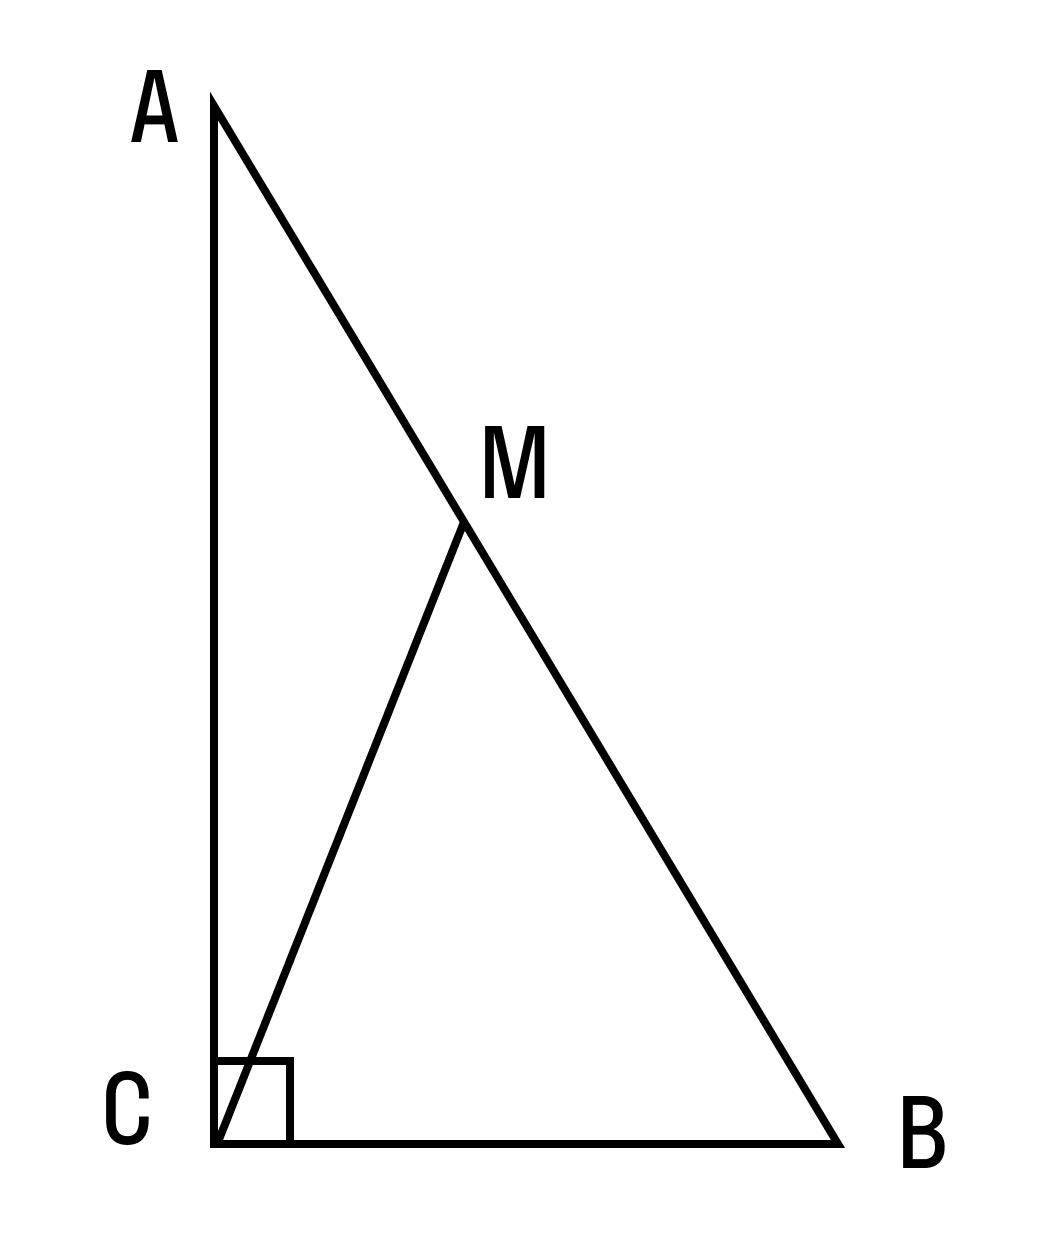 Дан треугольник АВС. Найти длину СМ